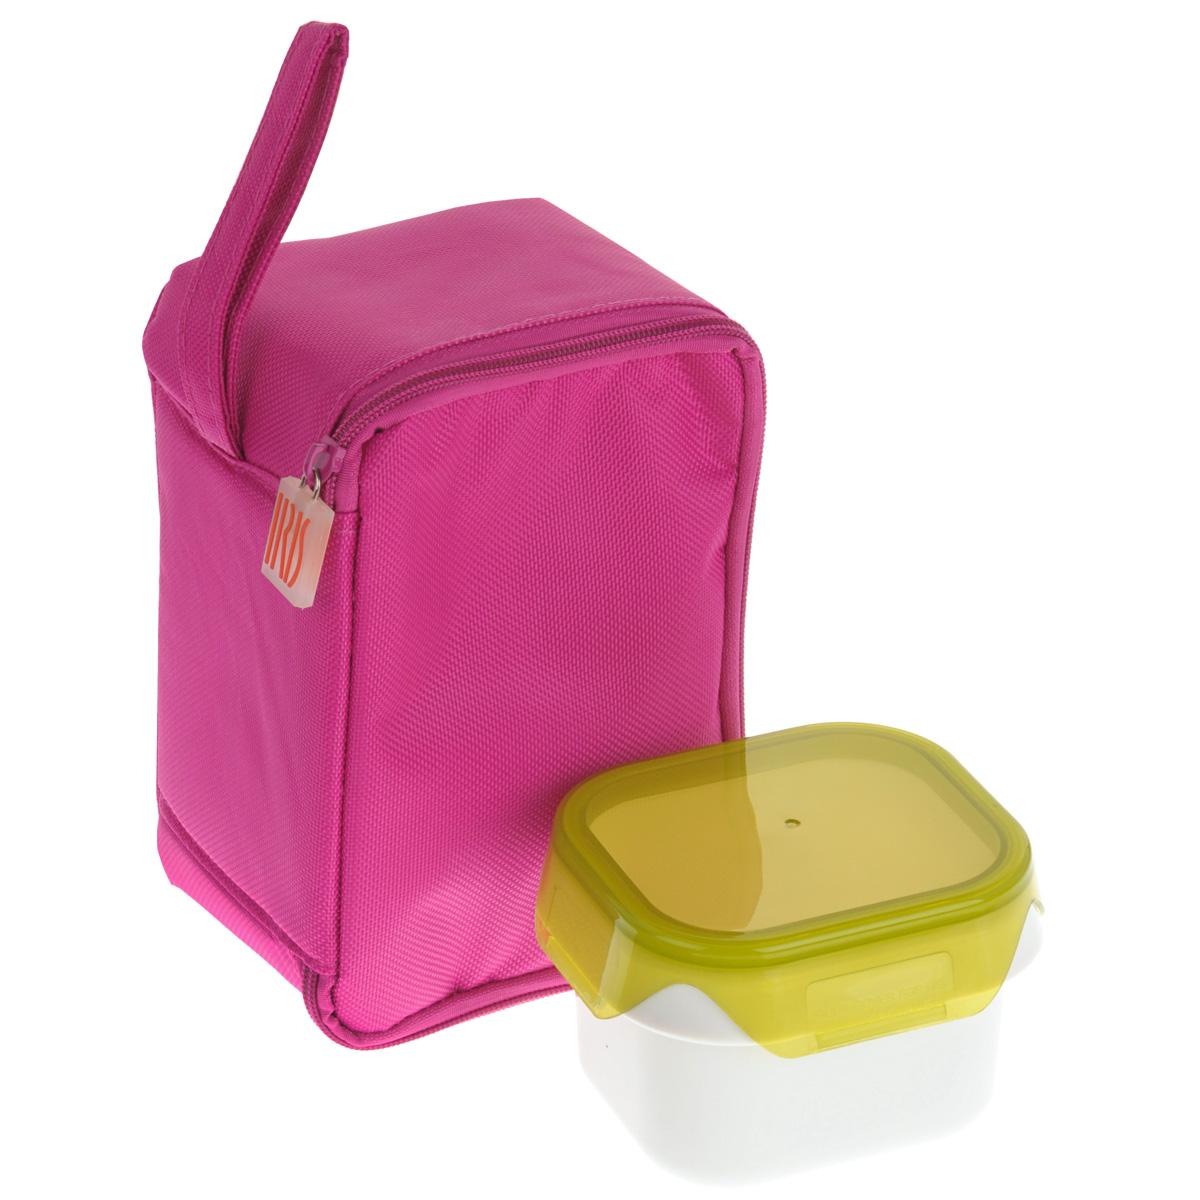 Термоланчбокс Iris Barcelona Baby Lunch, с контейнером, цвет: розовый9696-TИзотермическая сумка-ланчбокс Iris Barcelona Baby Lunch – идеальное решение, чтобы взять с собой обед для вашего ребенка. Ее можно взять с собой куда угодно: на учебу,на прогулку или в путешествие. В течение нескольких часов ланчбокс сохранит еду свежей и вкусной. Есть ручка для переноски в одной руке.В комплект входит 1 герметичный контейнер 0,45 л с прозрачной крышкой. Он подходит для использования в морозильнике, микроволновой печи. Можно мыть в посудомоечной машине.Также в ланчбоксе предусмотрено место для йогурта, крекеров или фруктов.Не содержит Бисфенола А. Объем контейнера: 450 мл.